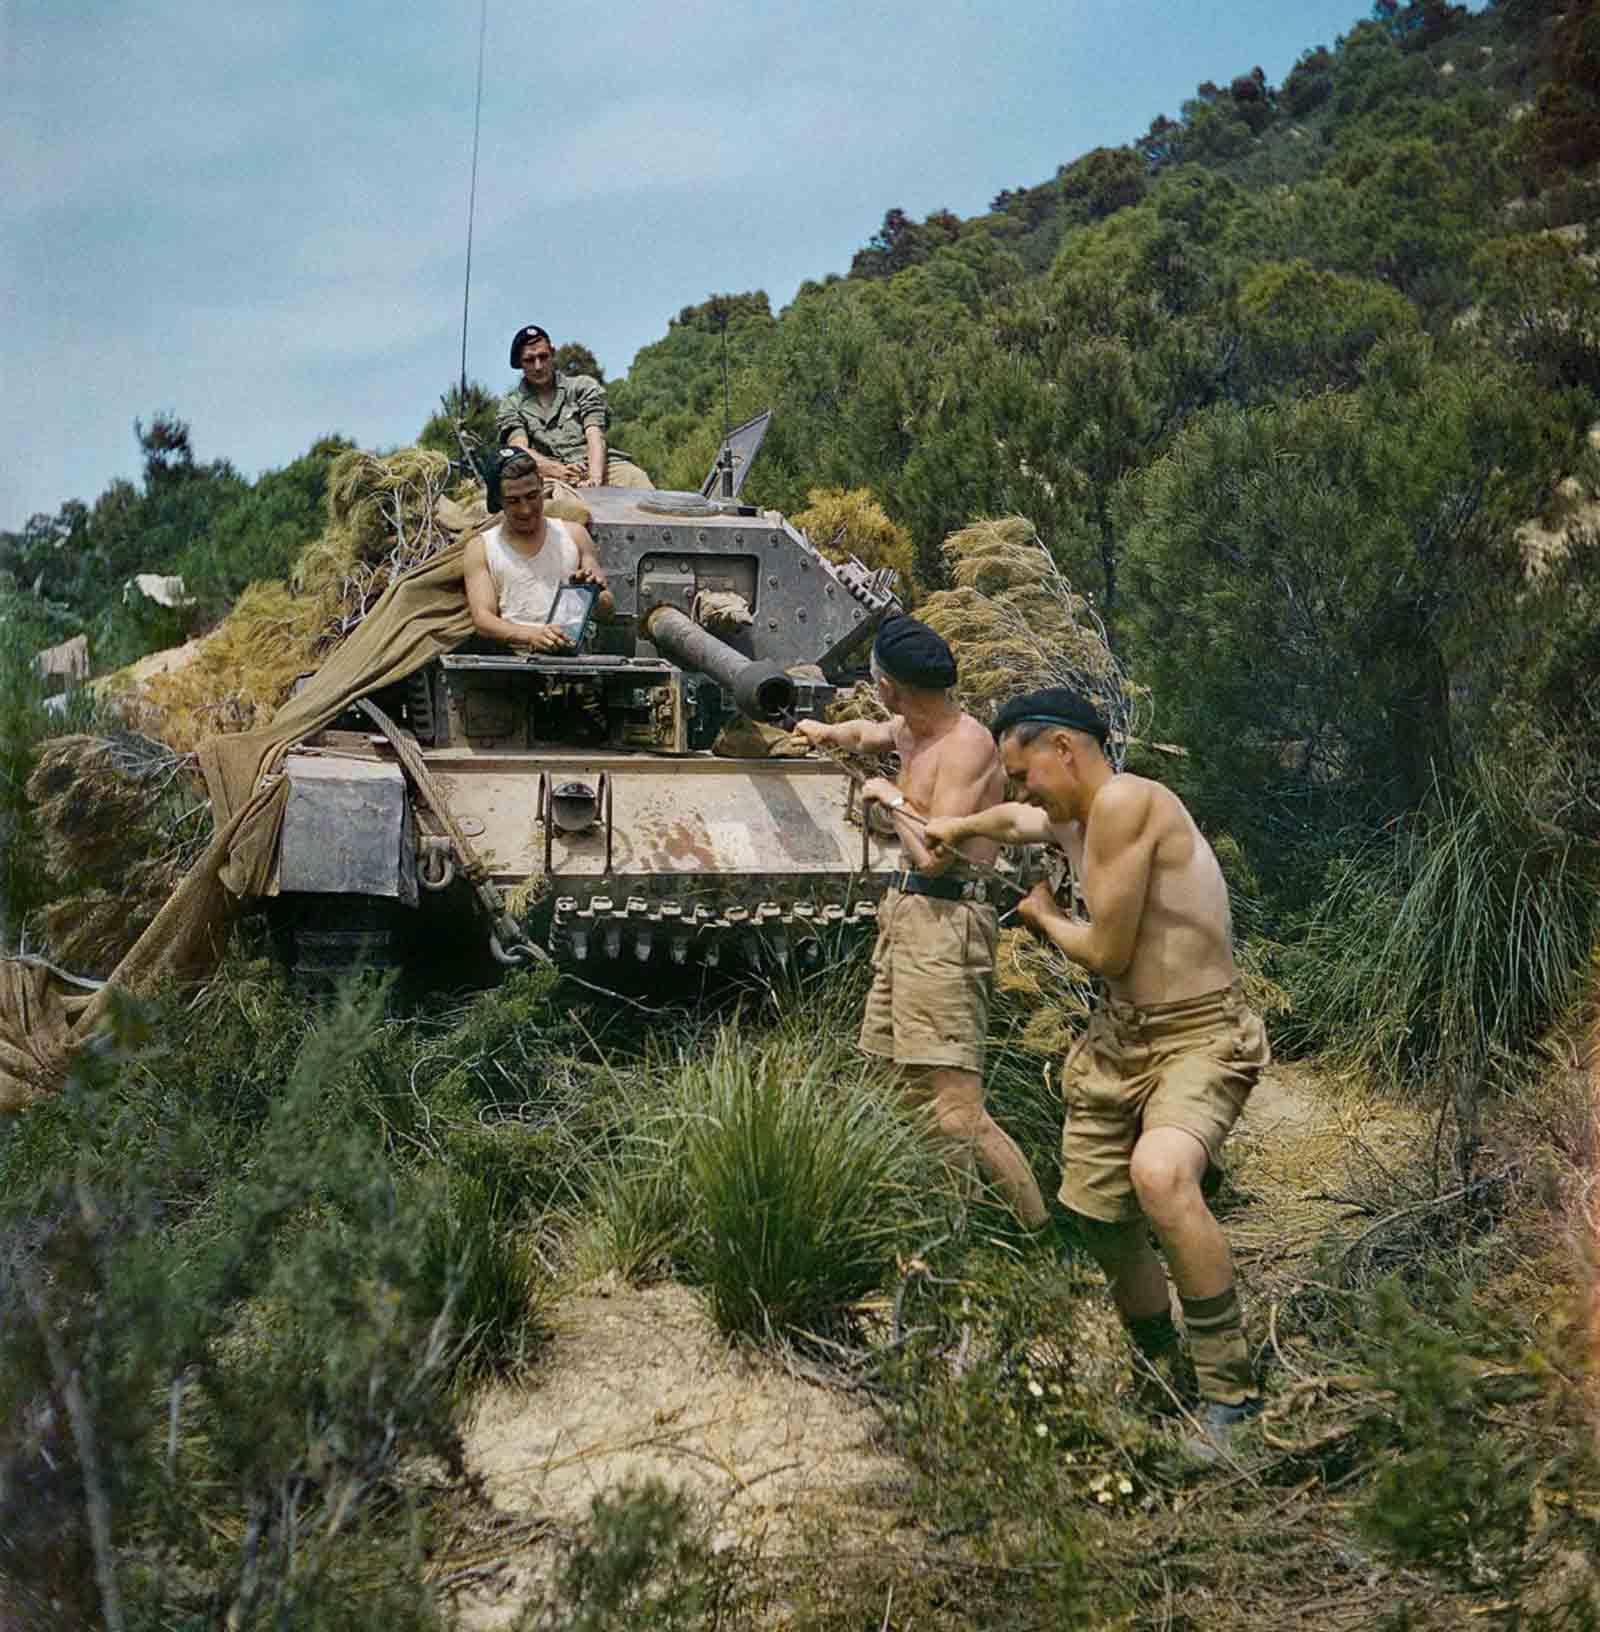 A 6. / 5. Lancers, 6. páncéloshadosztály legénysége a tunéziai El Aroussa-ban tisztítja meg a keresztes harckocsijuk lövedékcsövét.  1943.